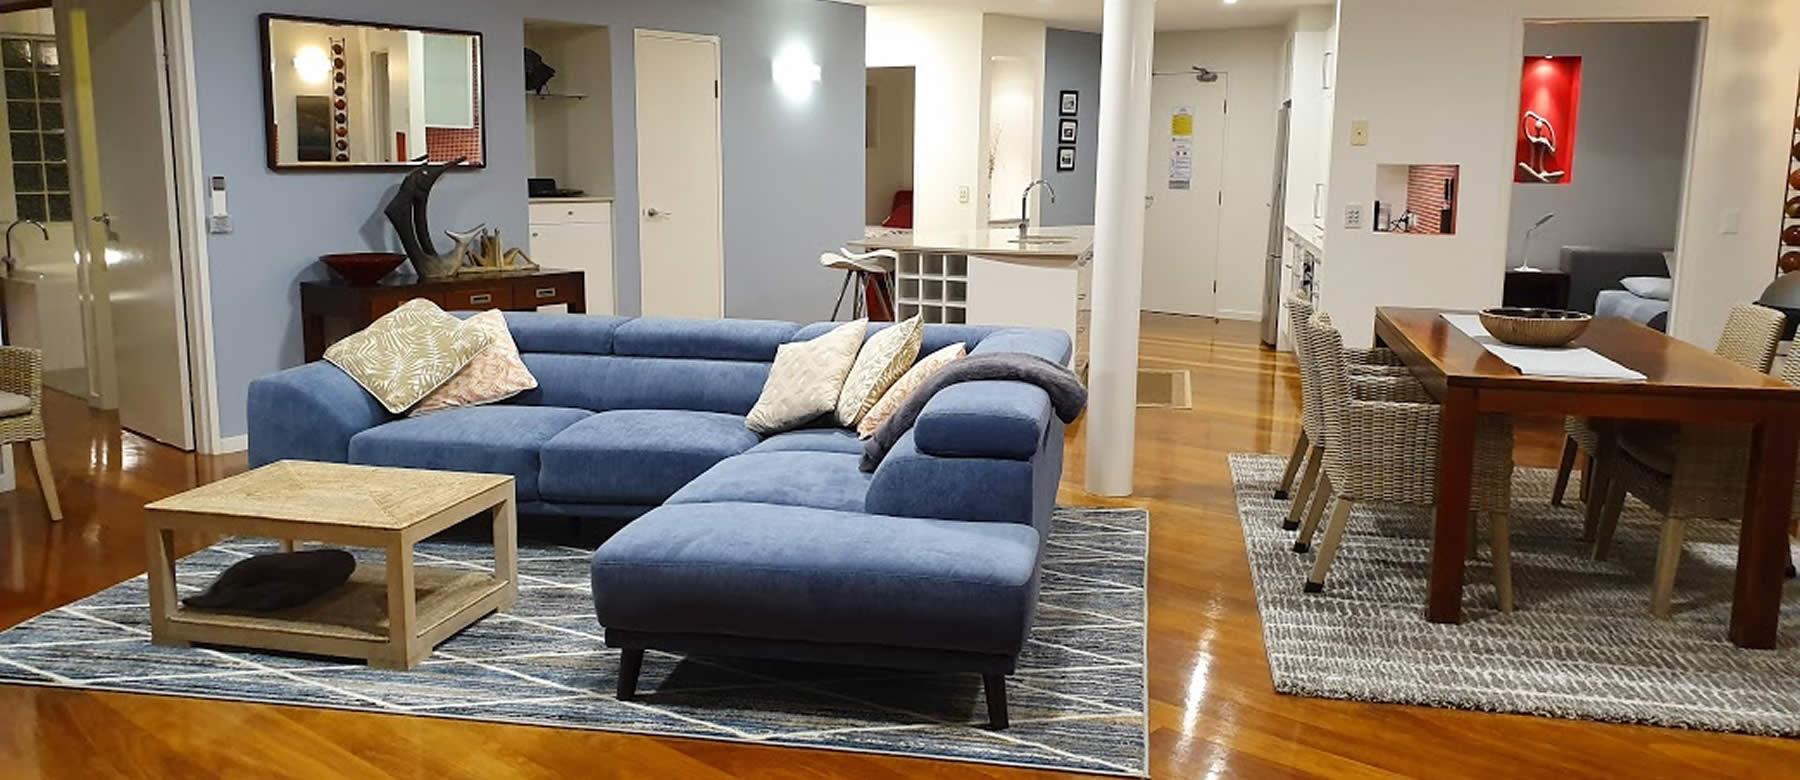 Sanbah unit 1 lounge suite